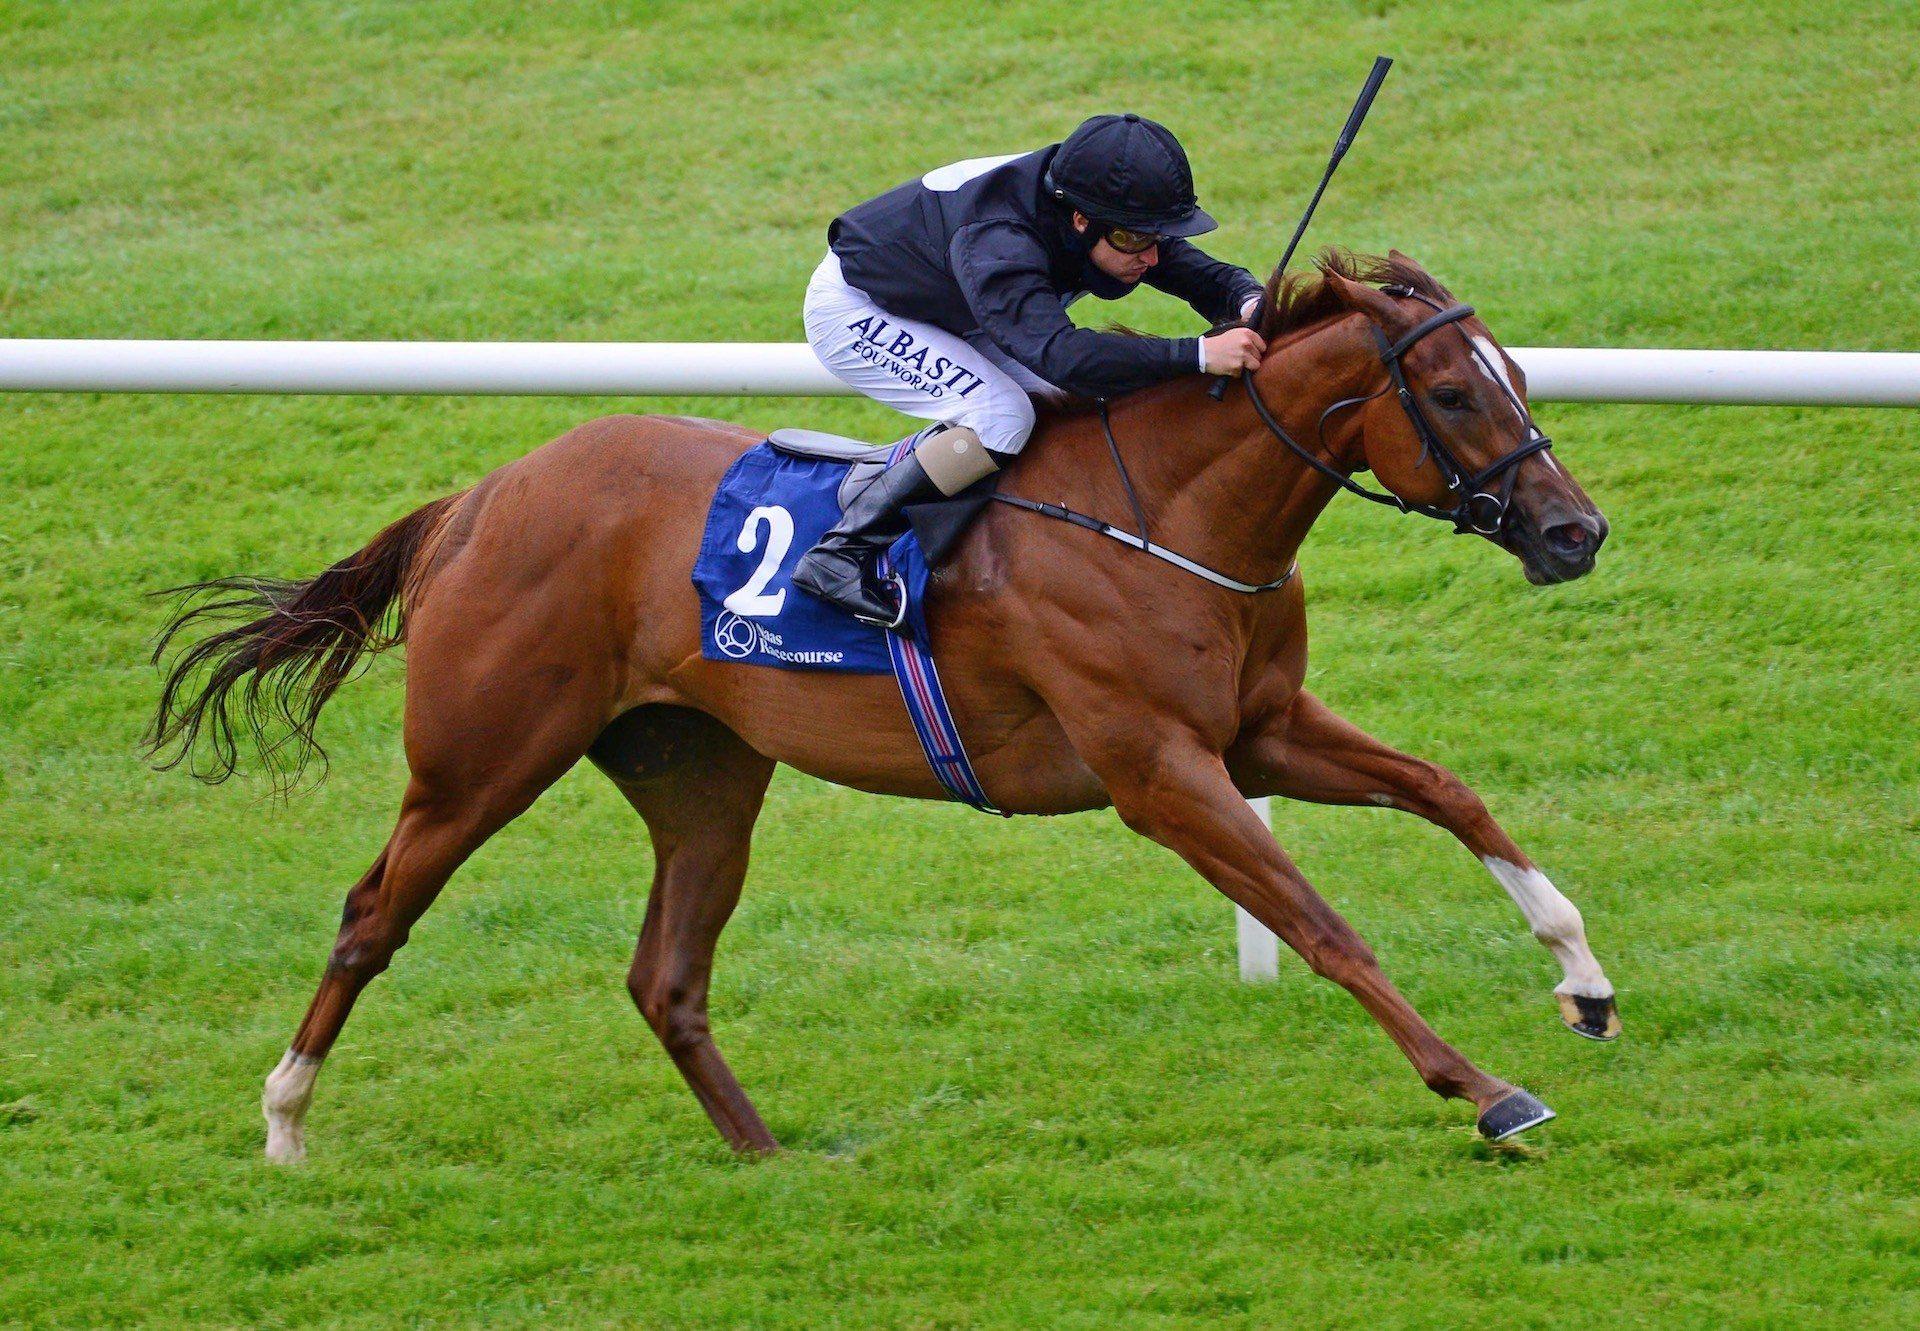 Millisle (Starspangledbanner) Wins The Gr.3 Ballyogan Stakes at Naas